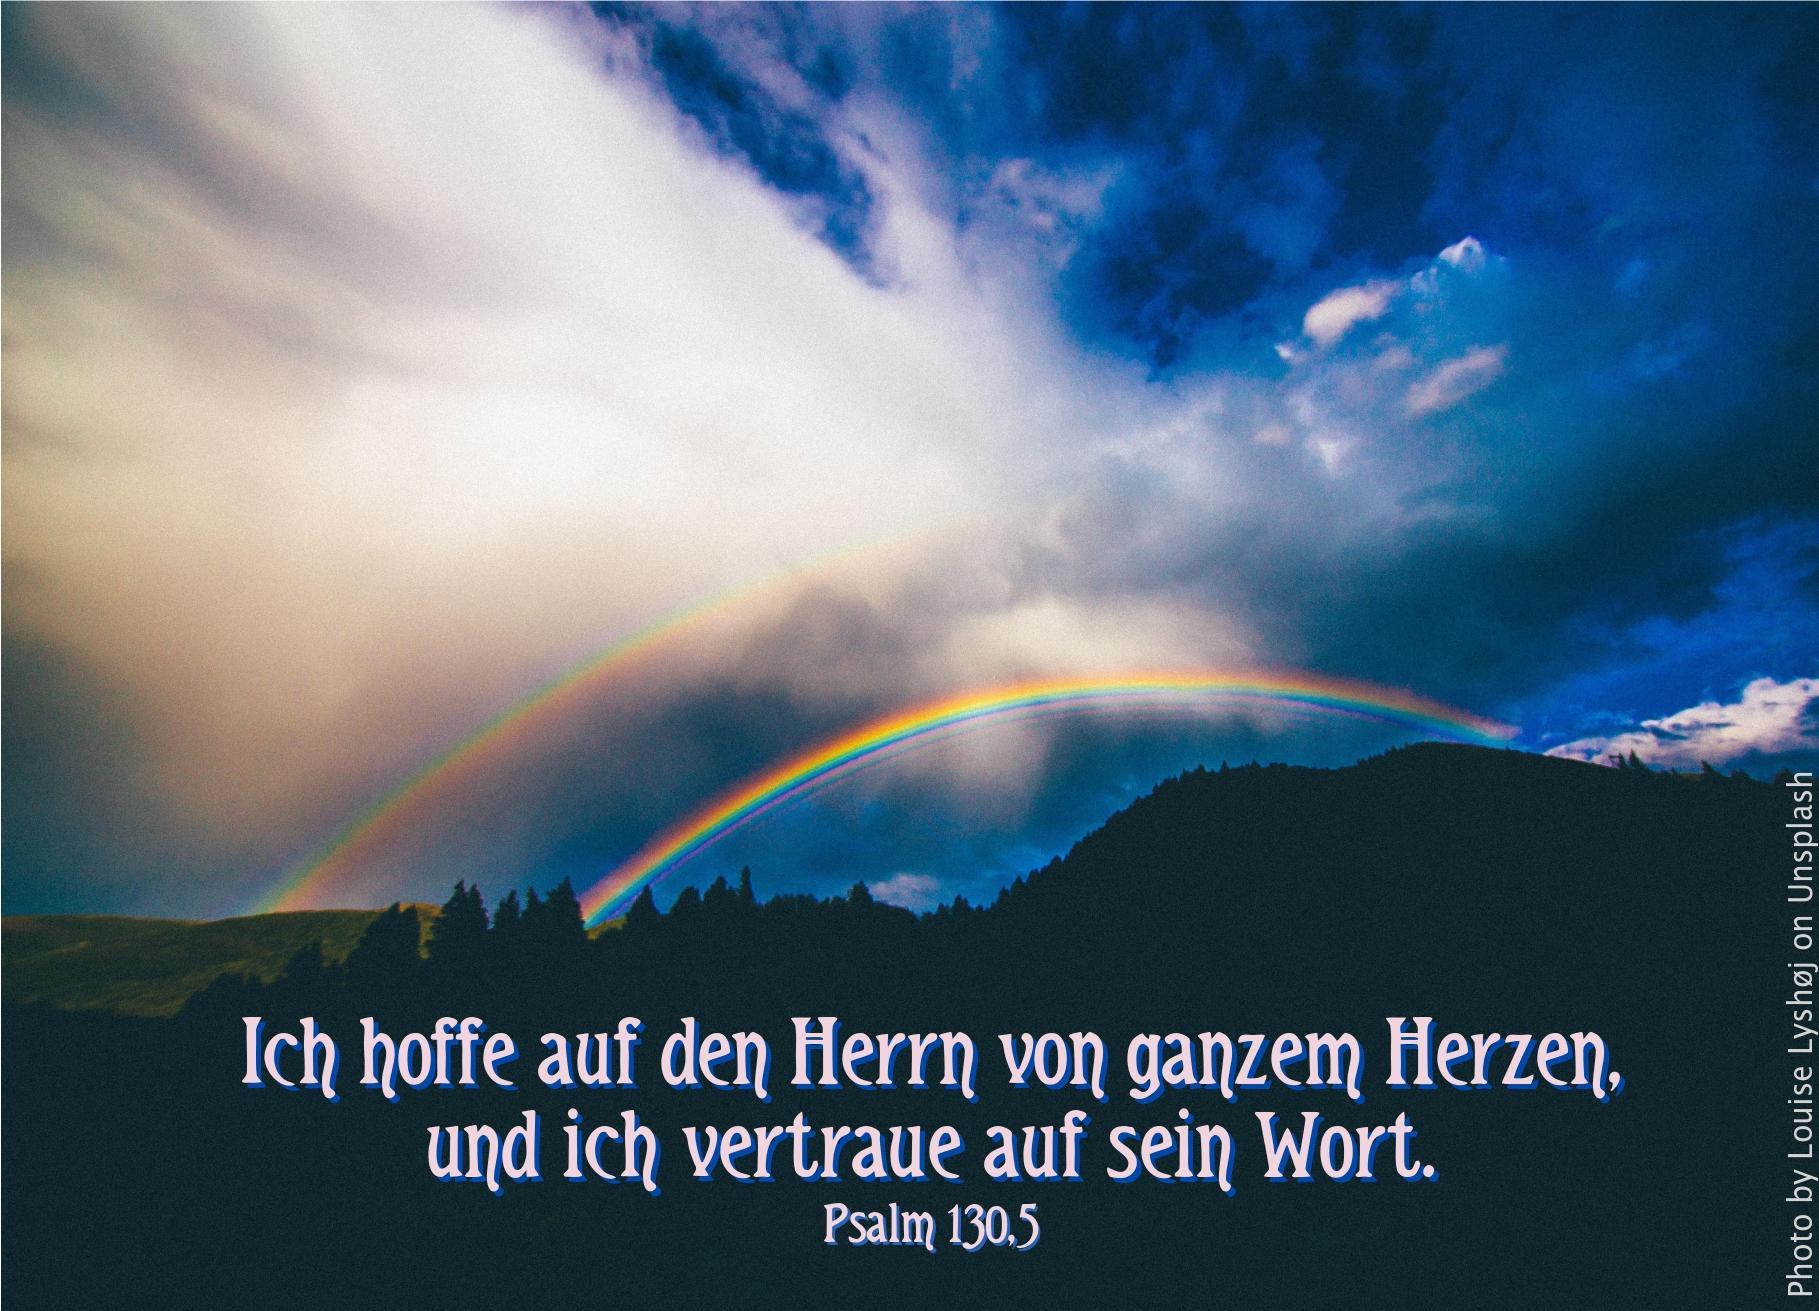 """alt""""Regenbogen_ueber_Wald_vor_weisser_Wolke_erwartet_bibelhoerbuch_Missionsreise"""""""